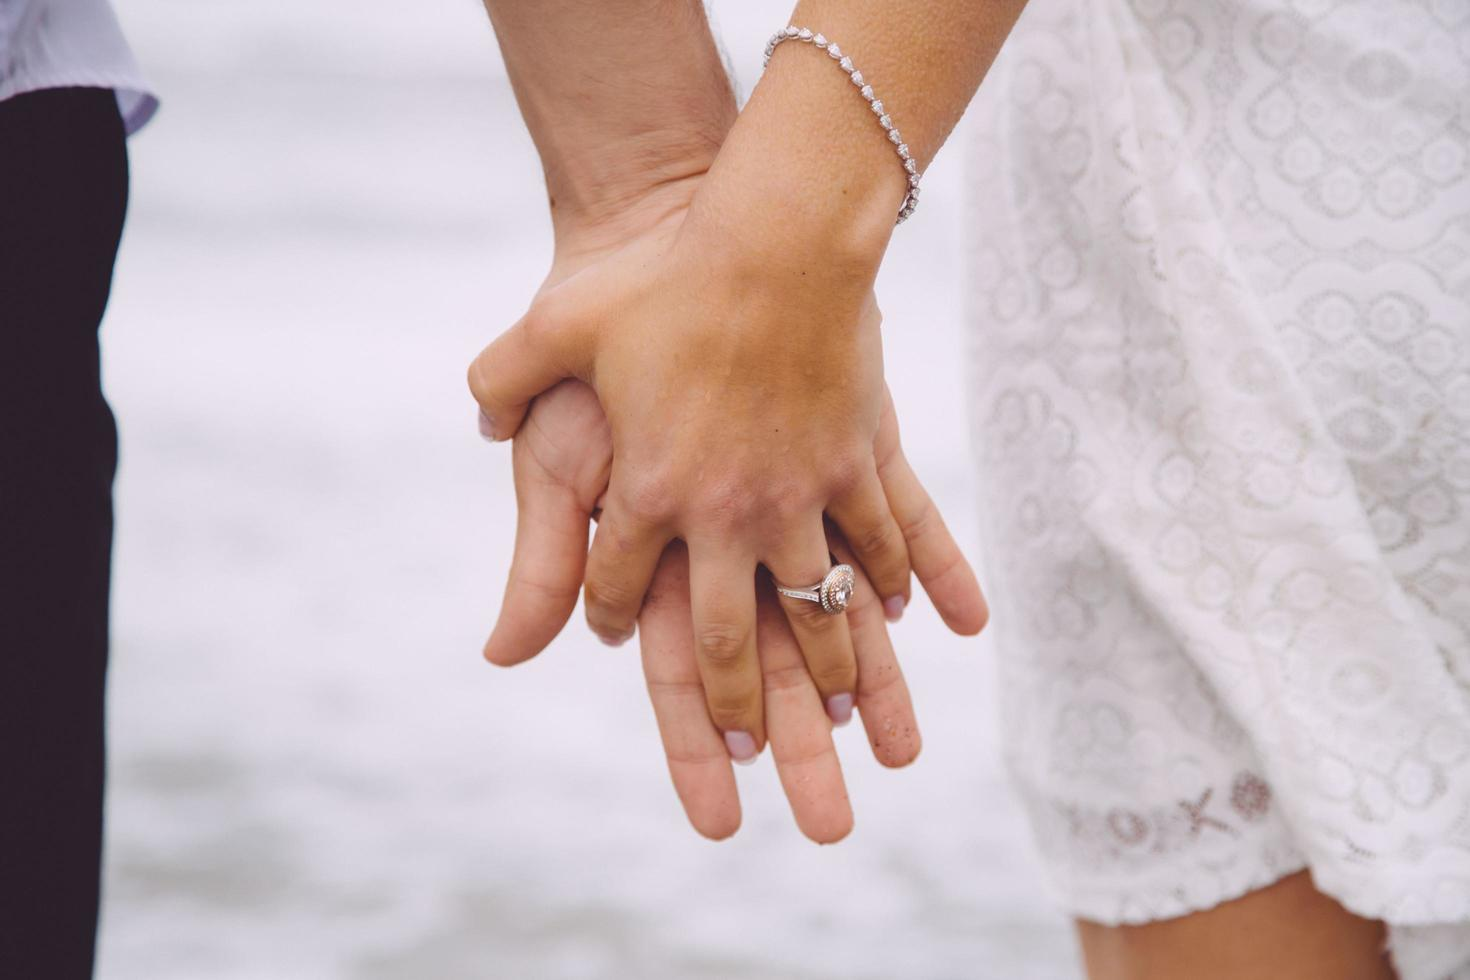 pareja casada tomados de la mano foto